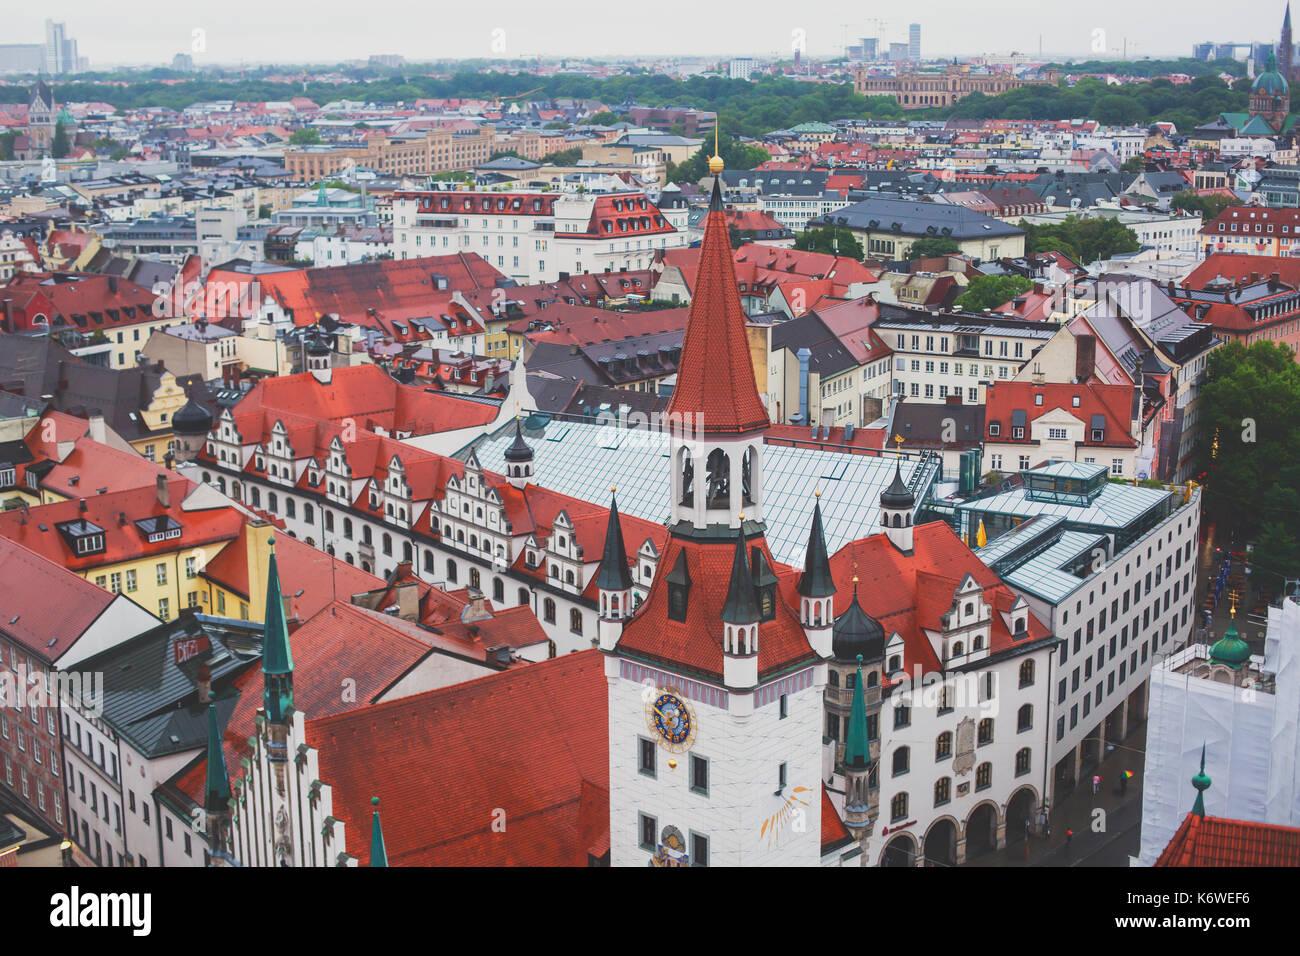 Hermosa super gran angular soleada vista aérea de Munich, el Bayern, Baviera, Alemania con el horizonte y el paisaje más allá de la ciudad, visto desde la altura Imagen De Stock